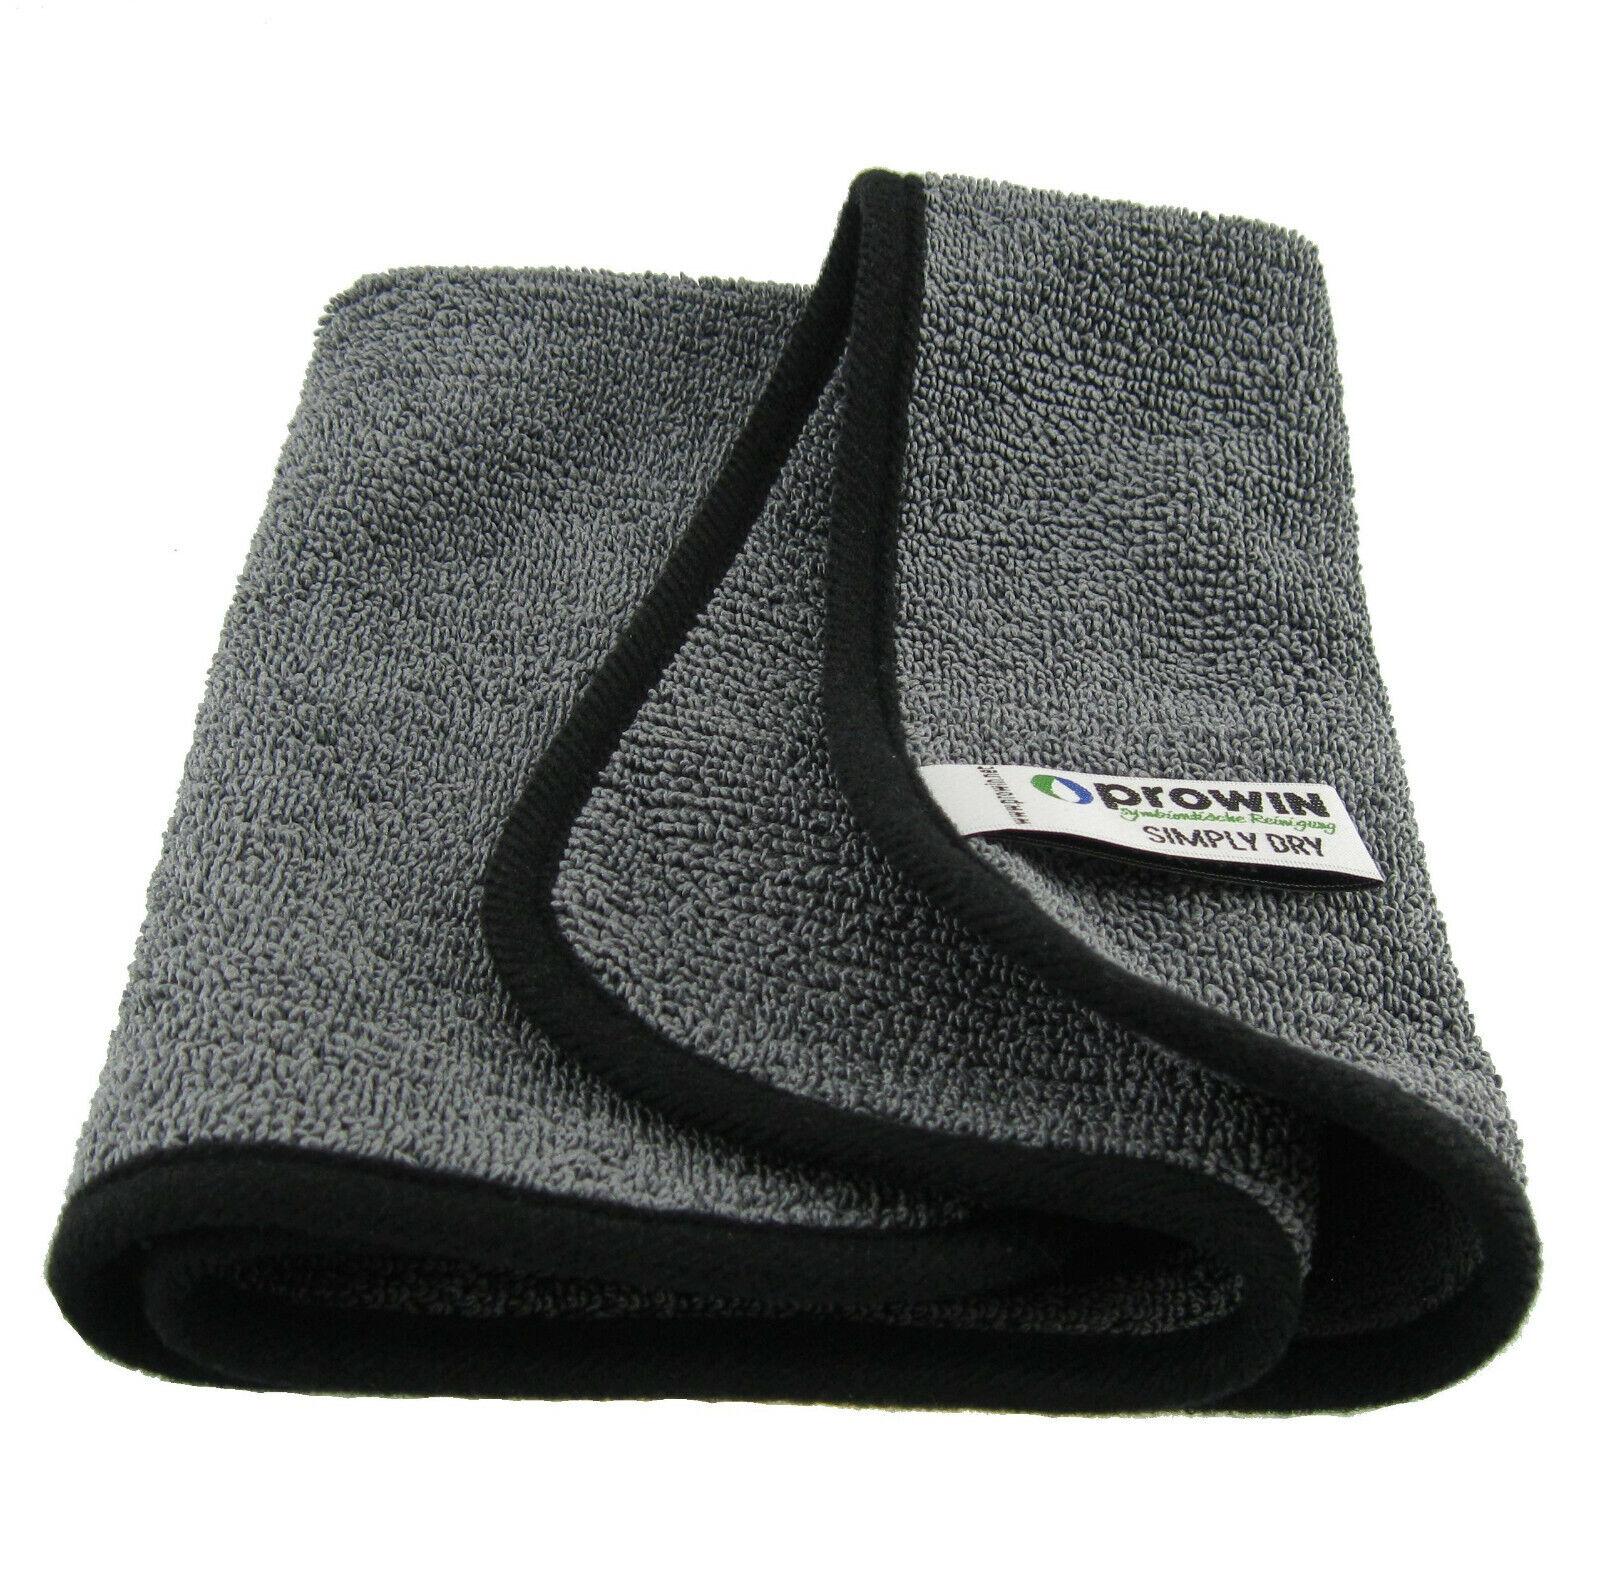 ProWin Badreinigung Simply Dry grau schwarz 40 x 40 cm Trocknungstuch